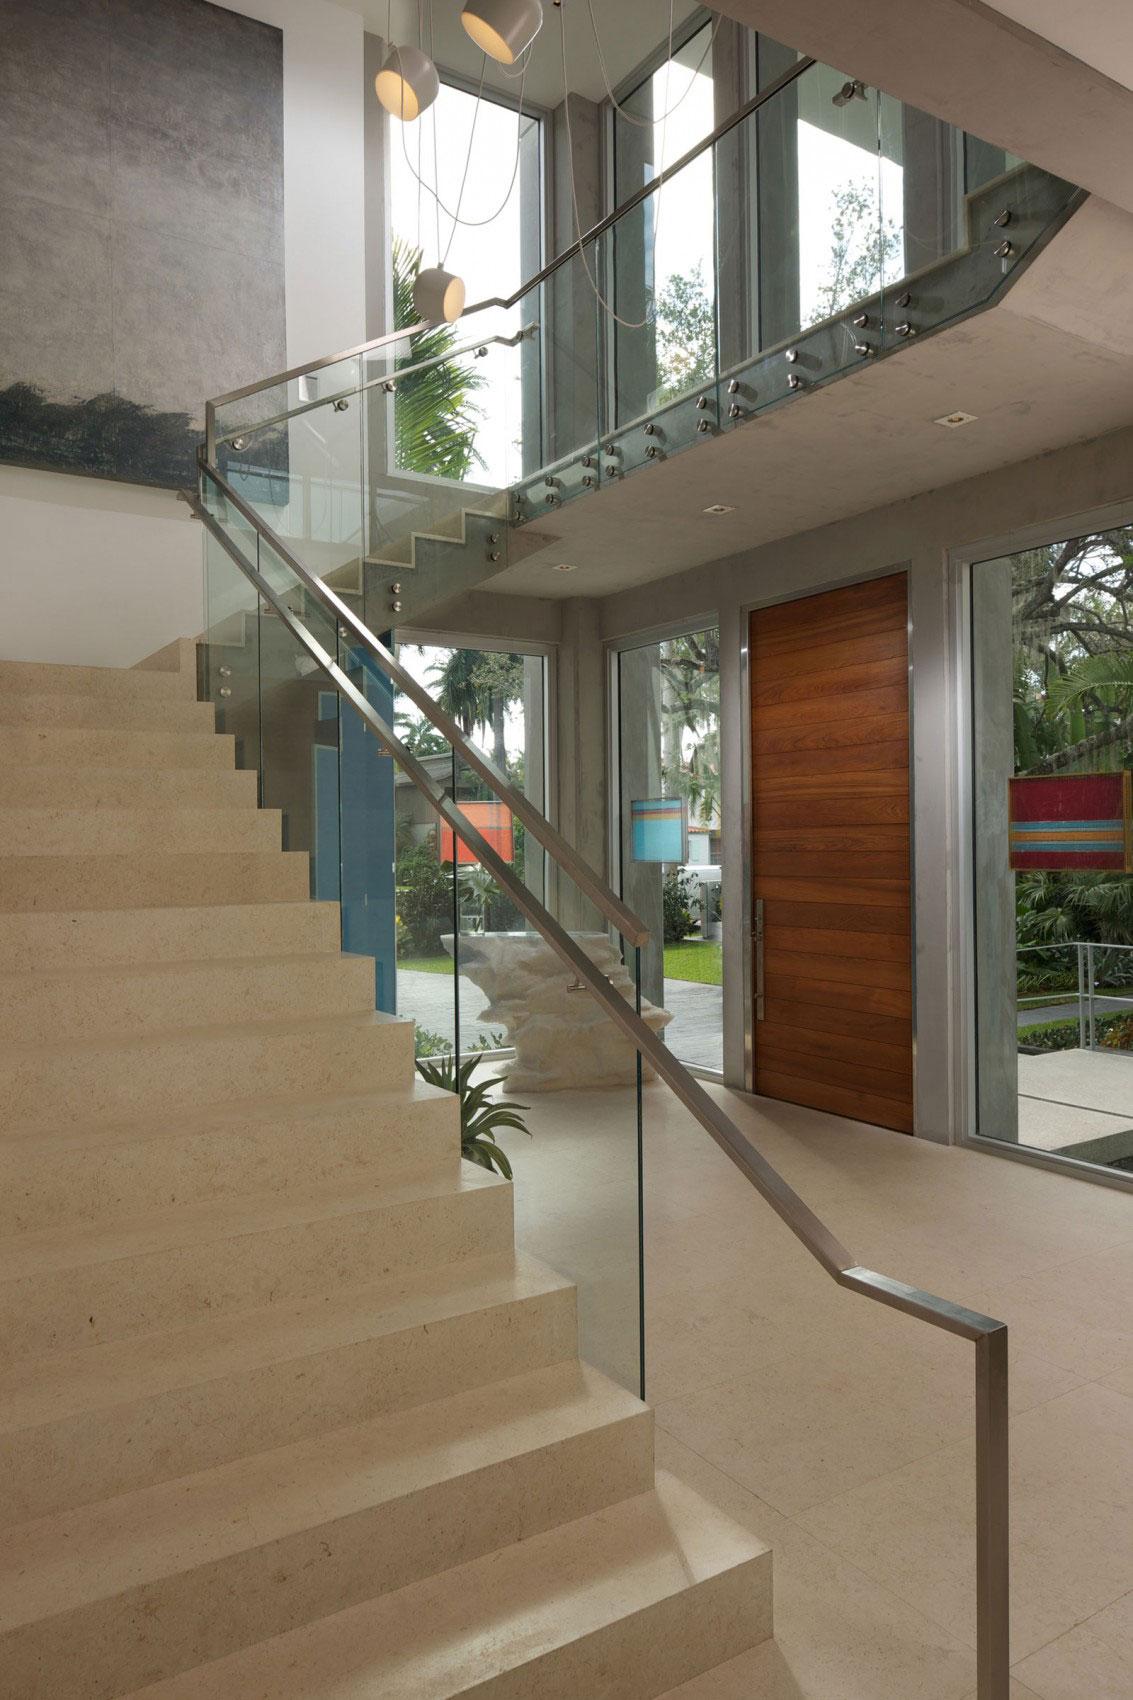 Hus med imponerande inredning, skapat av Kobi-Karp-Architektur-11 Hus med imponerande inredningsdesign, skapat av Kobi Karp Architecture